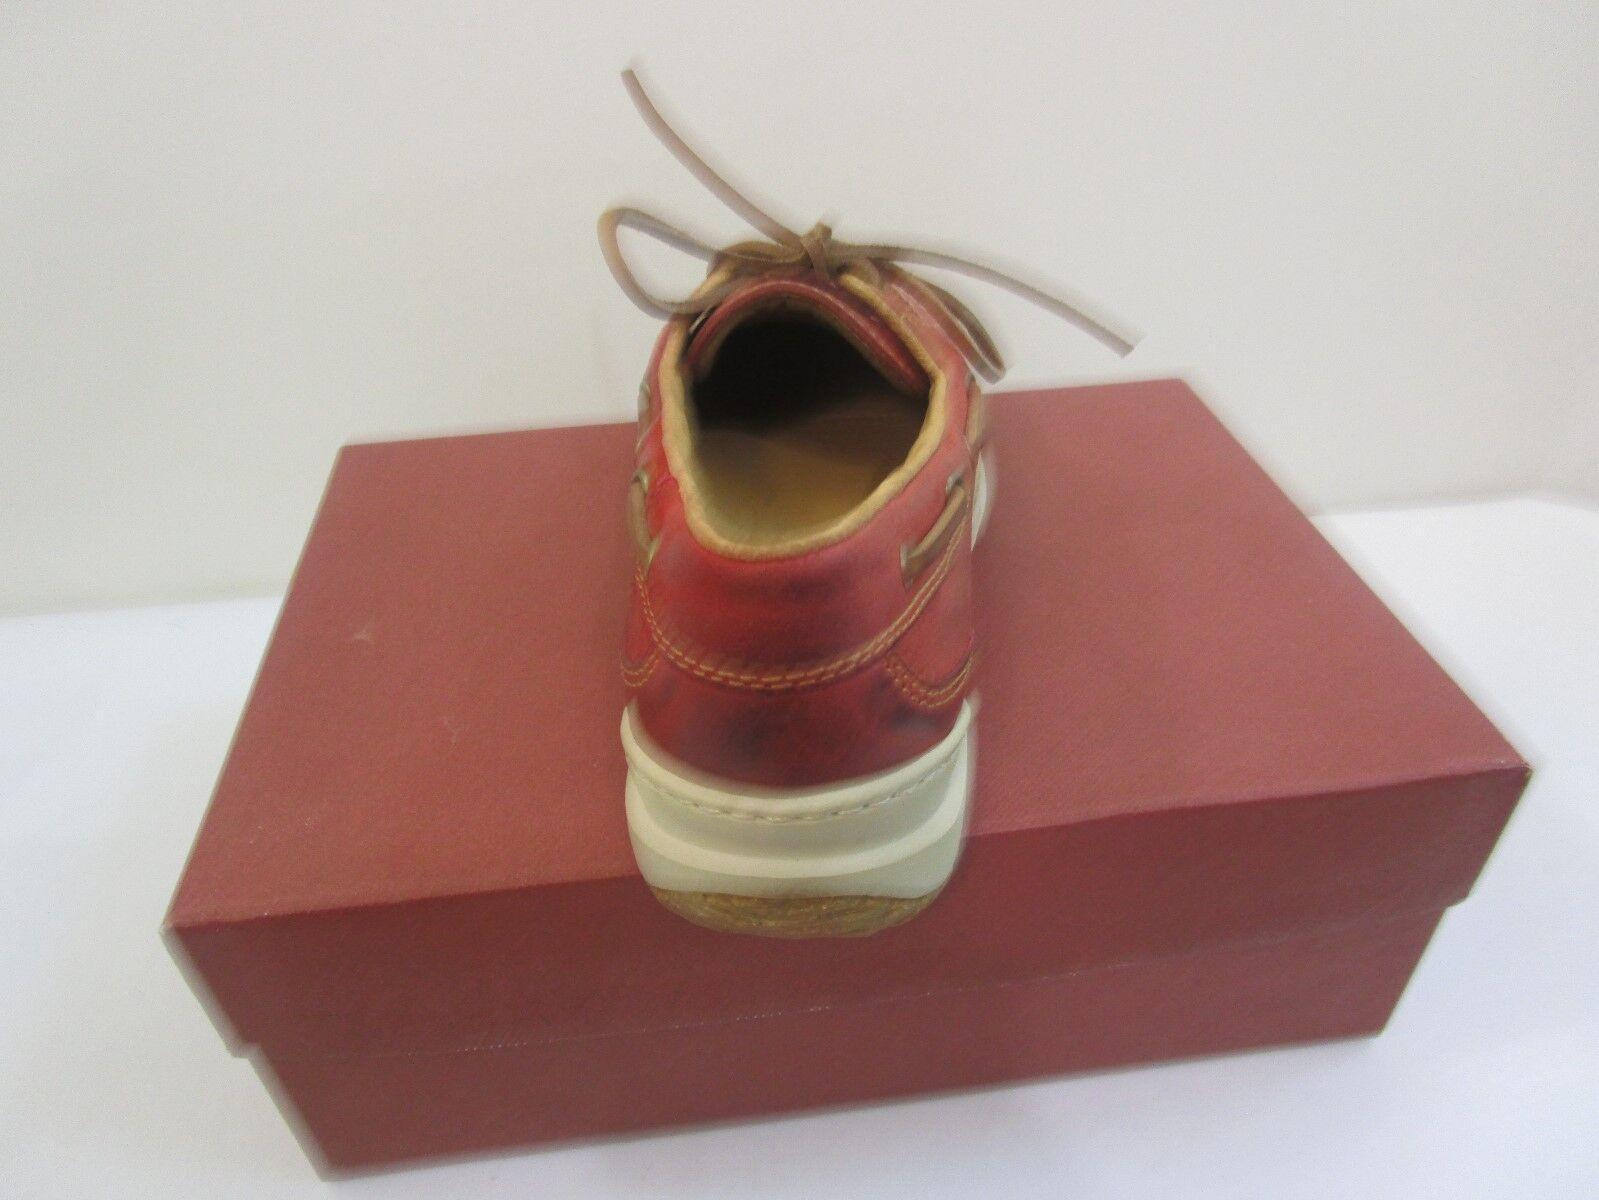 Acorn para informales Hombre de Cuero Zapatos informales para Camp Moc Nuevo En Caja M 3d88ce